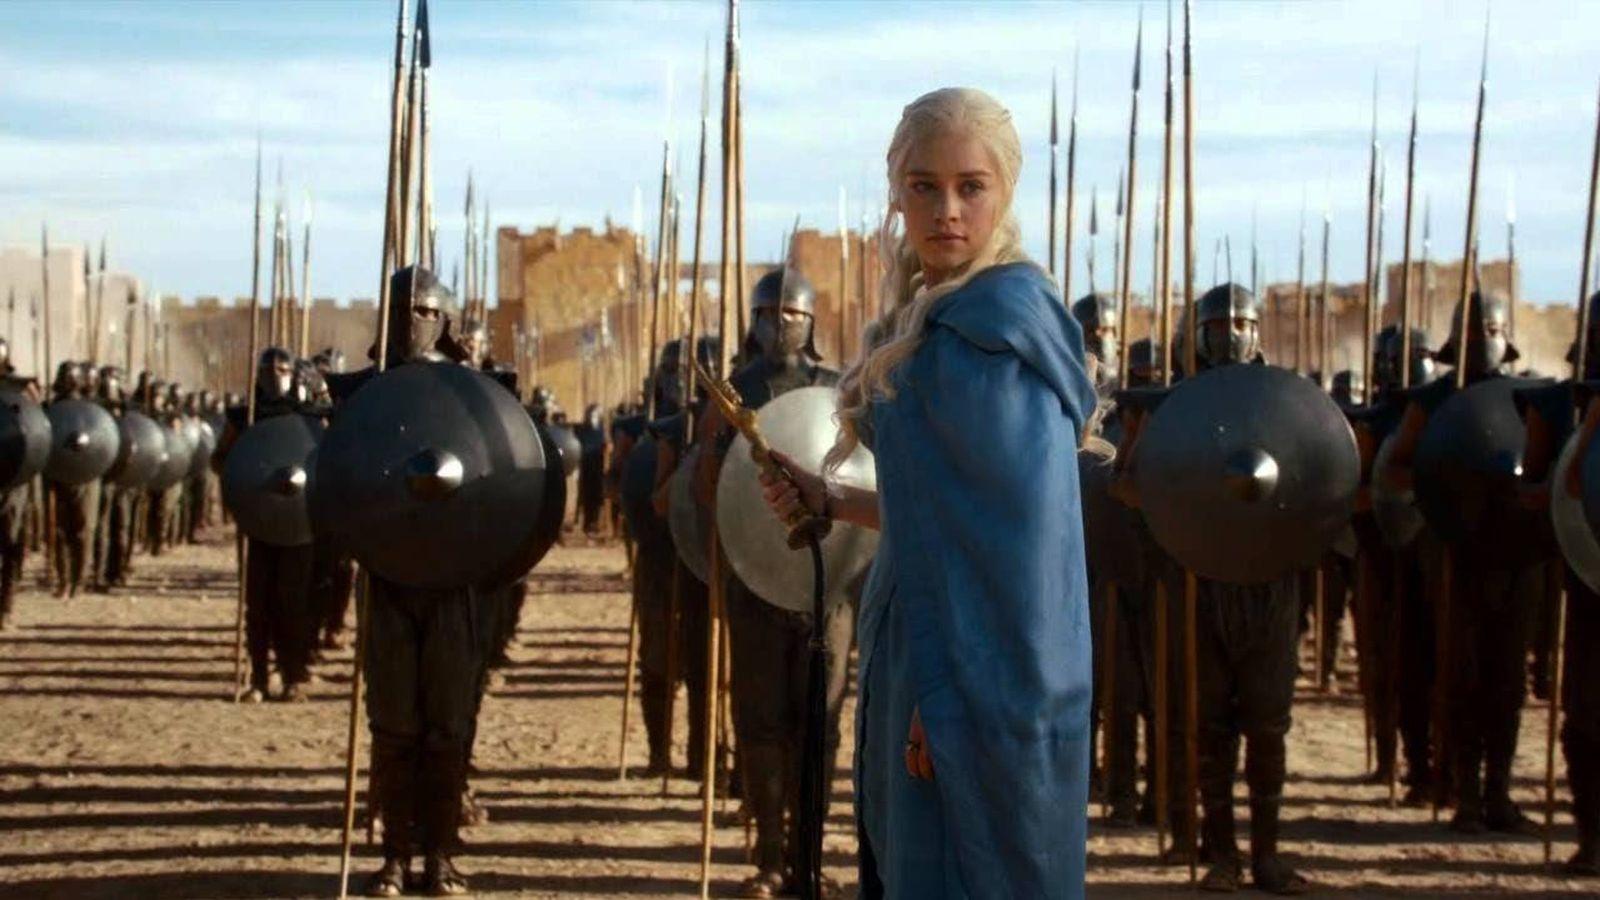 Foto: La llegada de Daenerys a Astapor en 'Juego de Tronos'. (HBO)